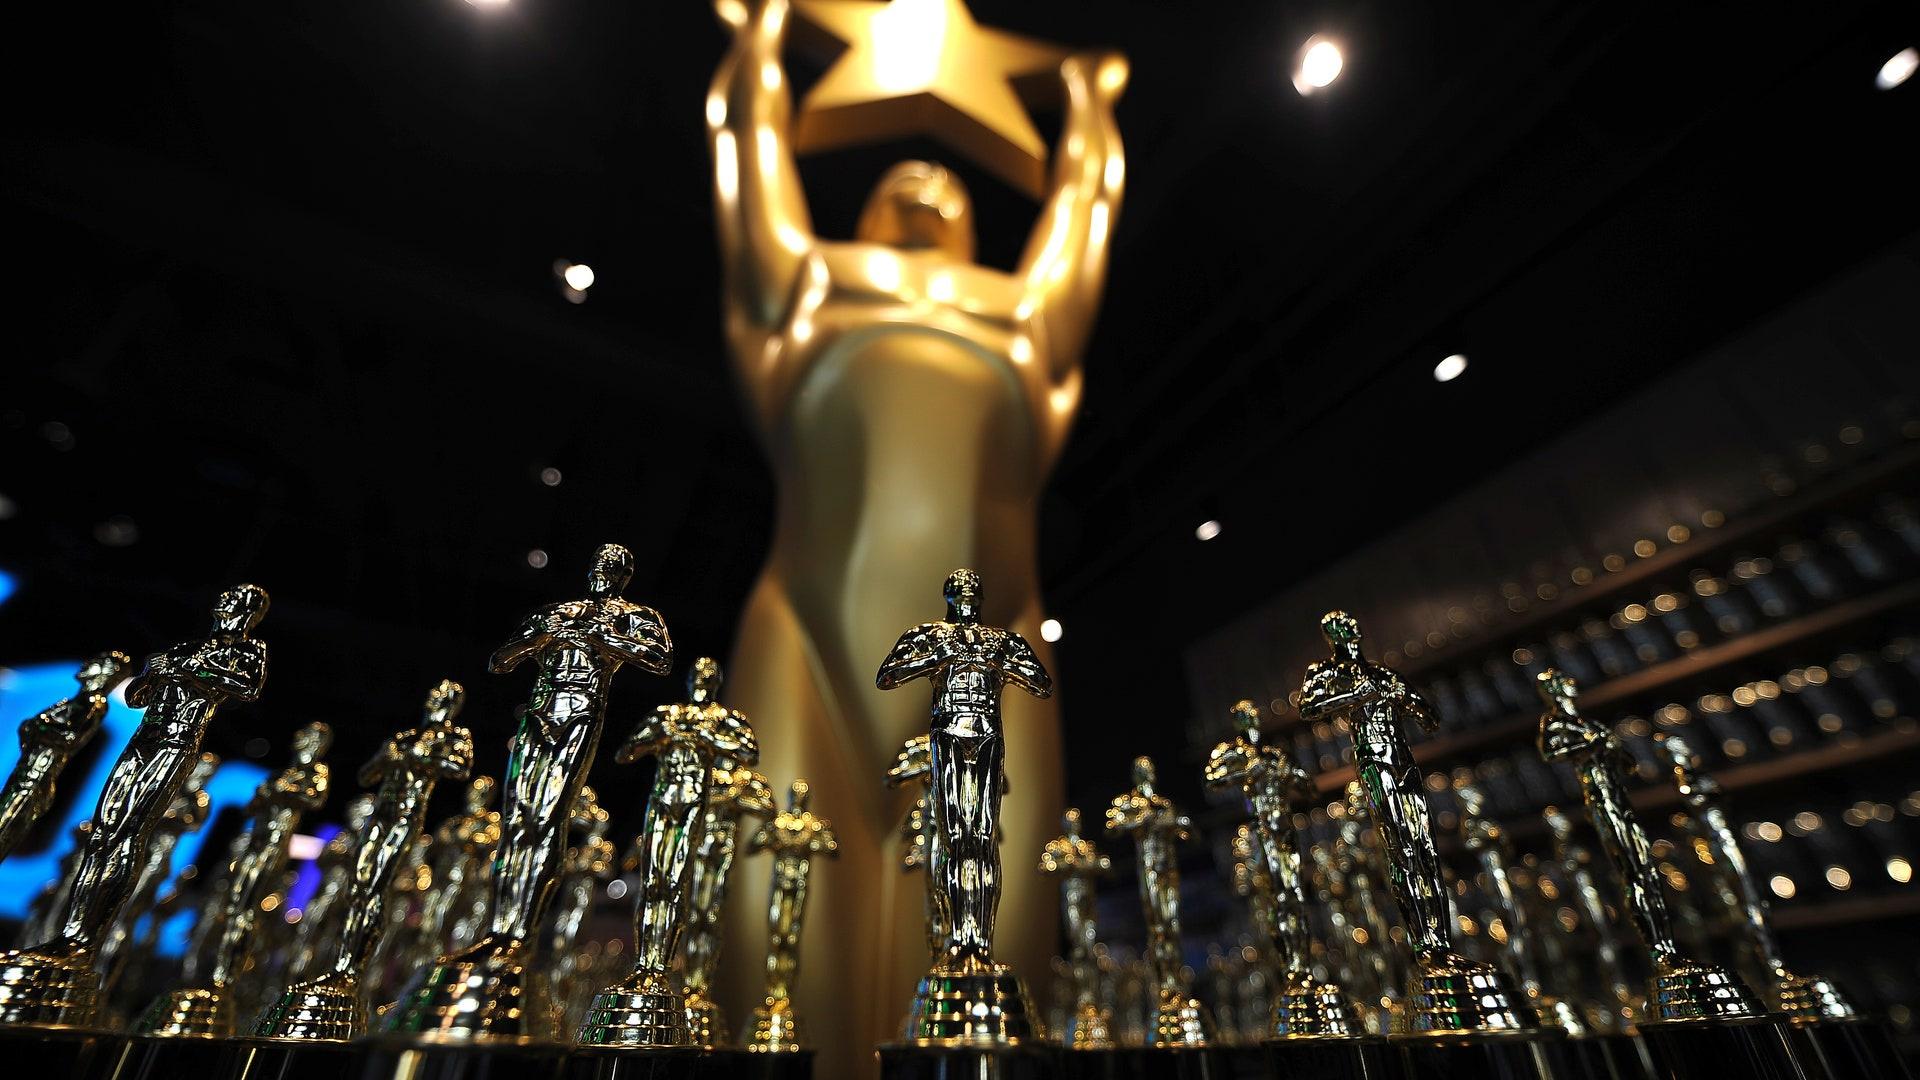 «Оскар 2021» посмотрело более чем вдвое меньше зрителей, чем в прошлом году